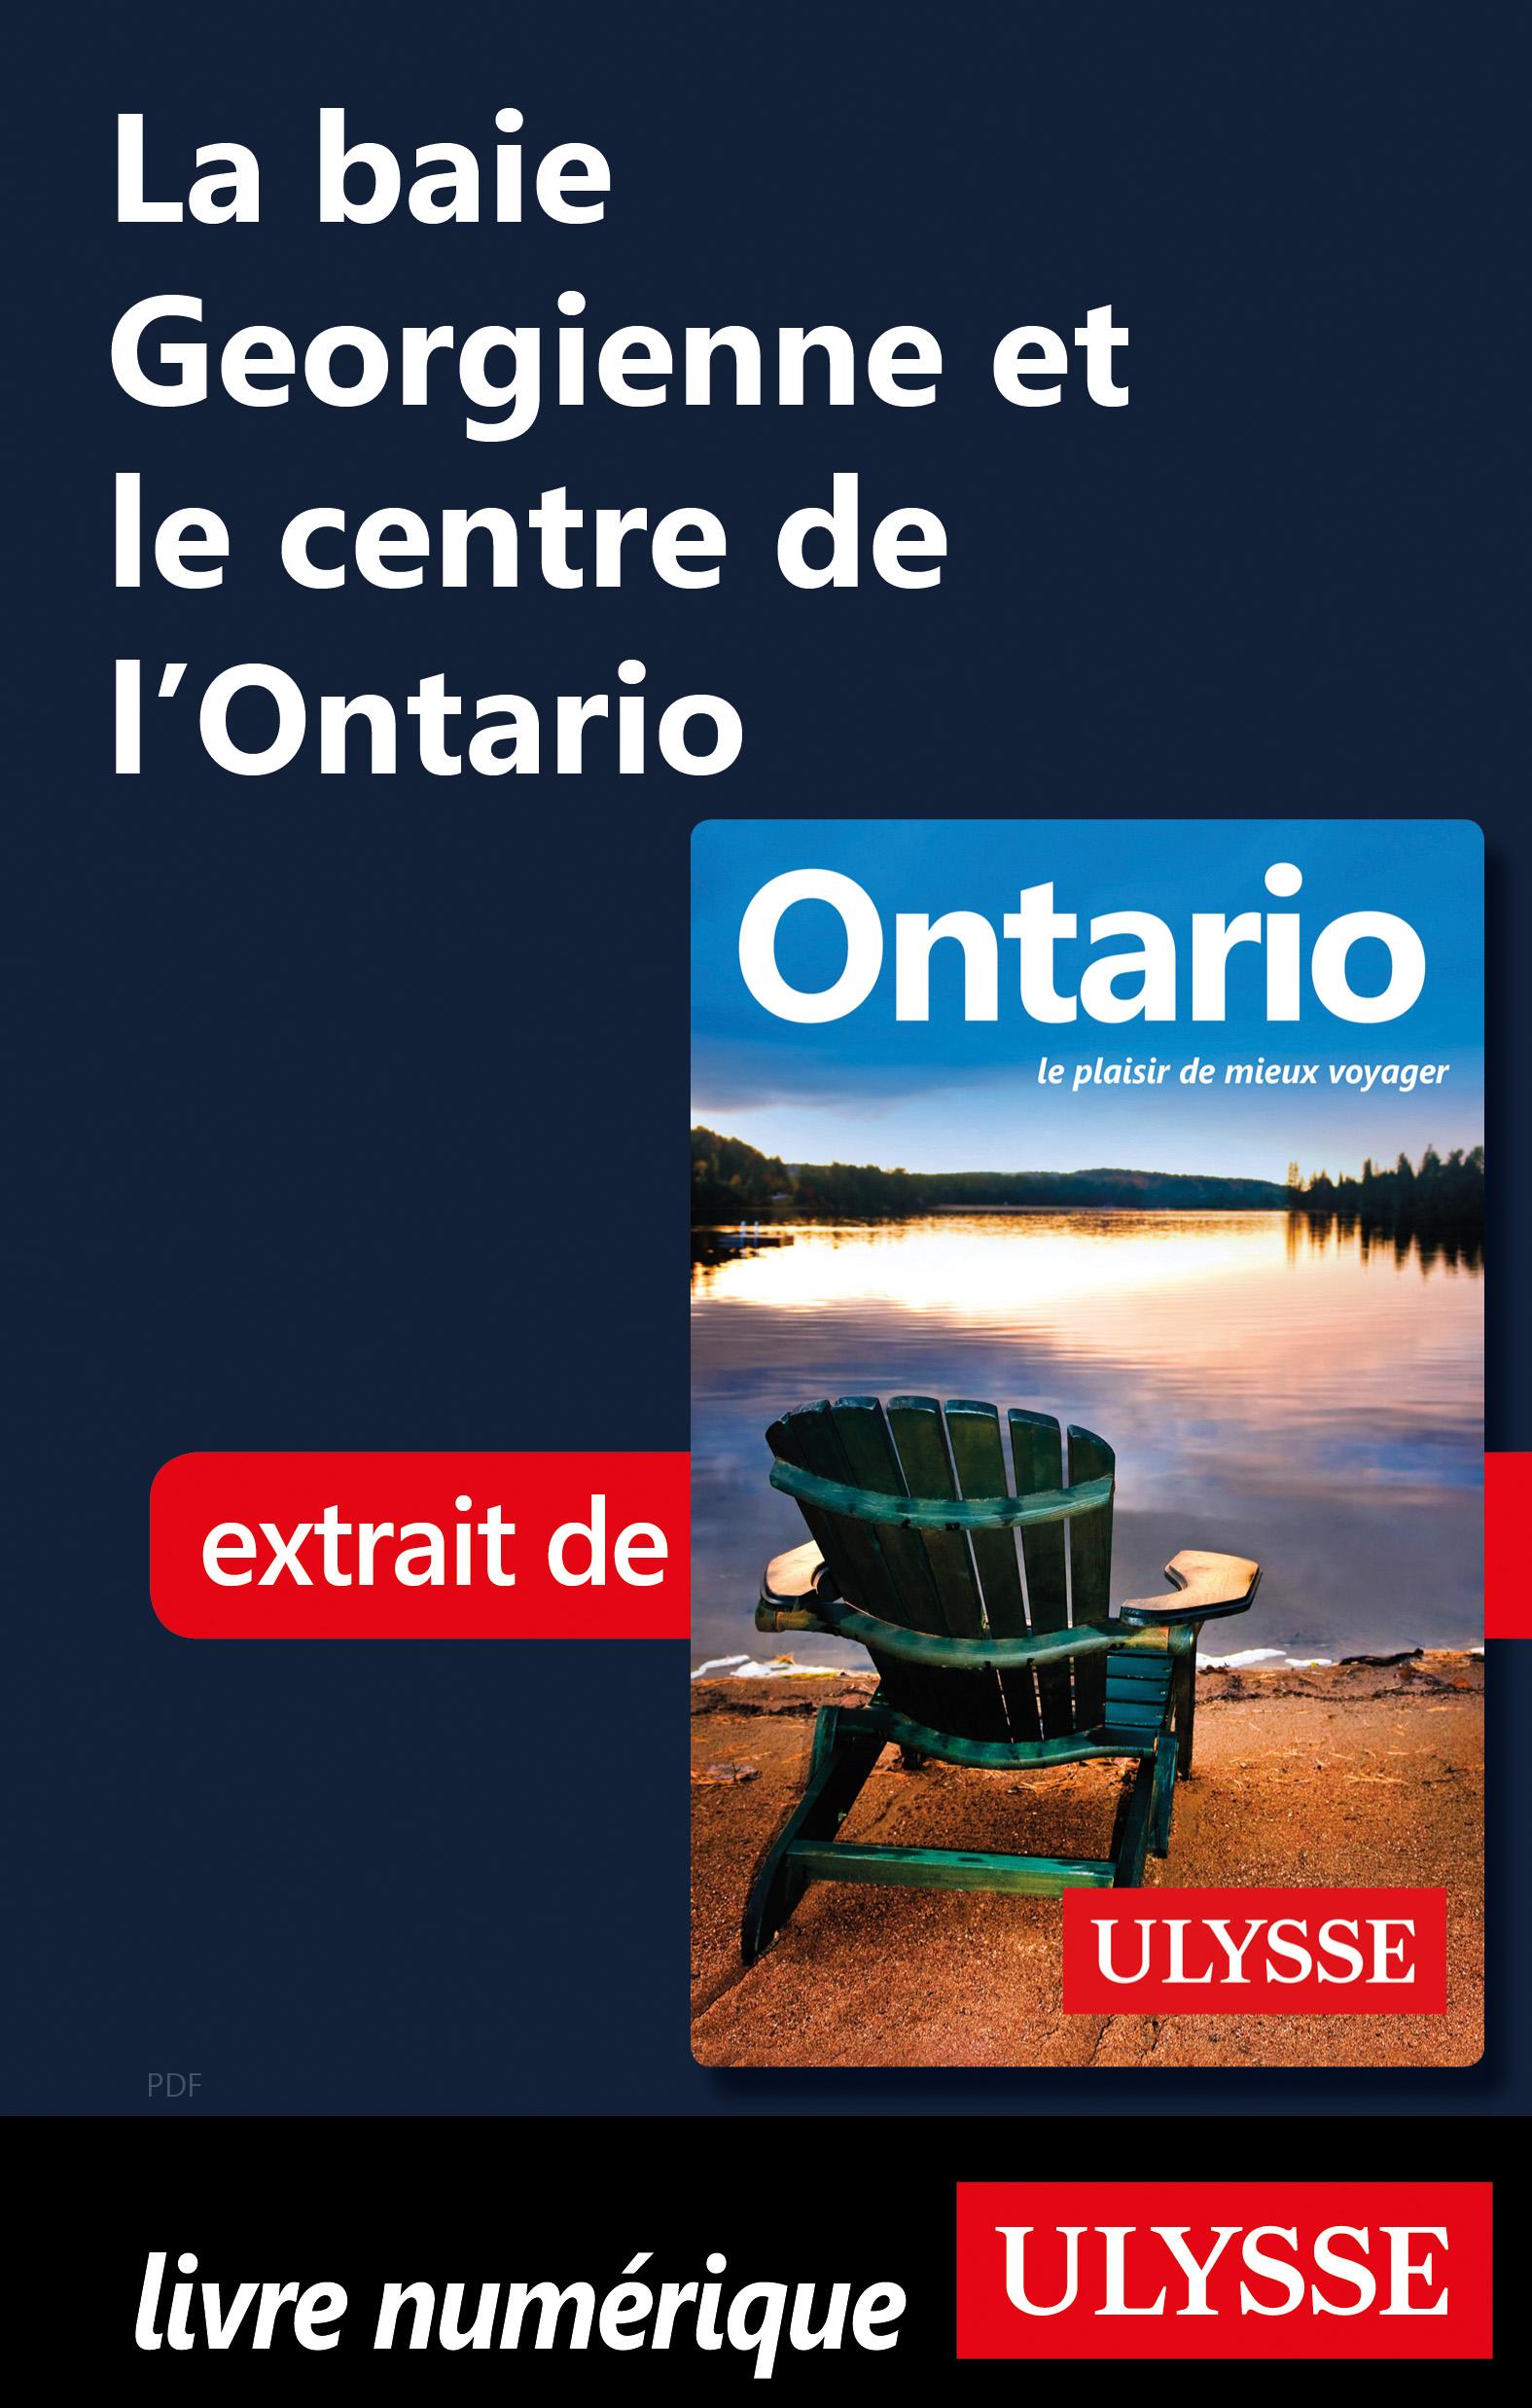 La baie Georgienne et le centre de l'Ontario